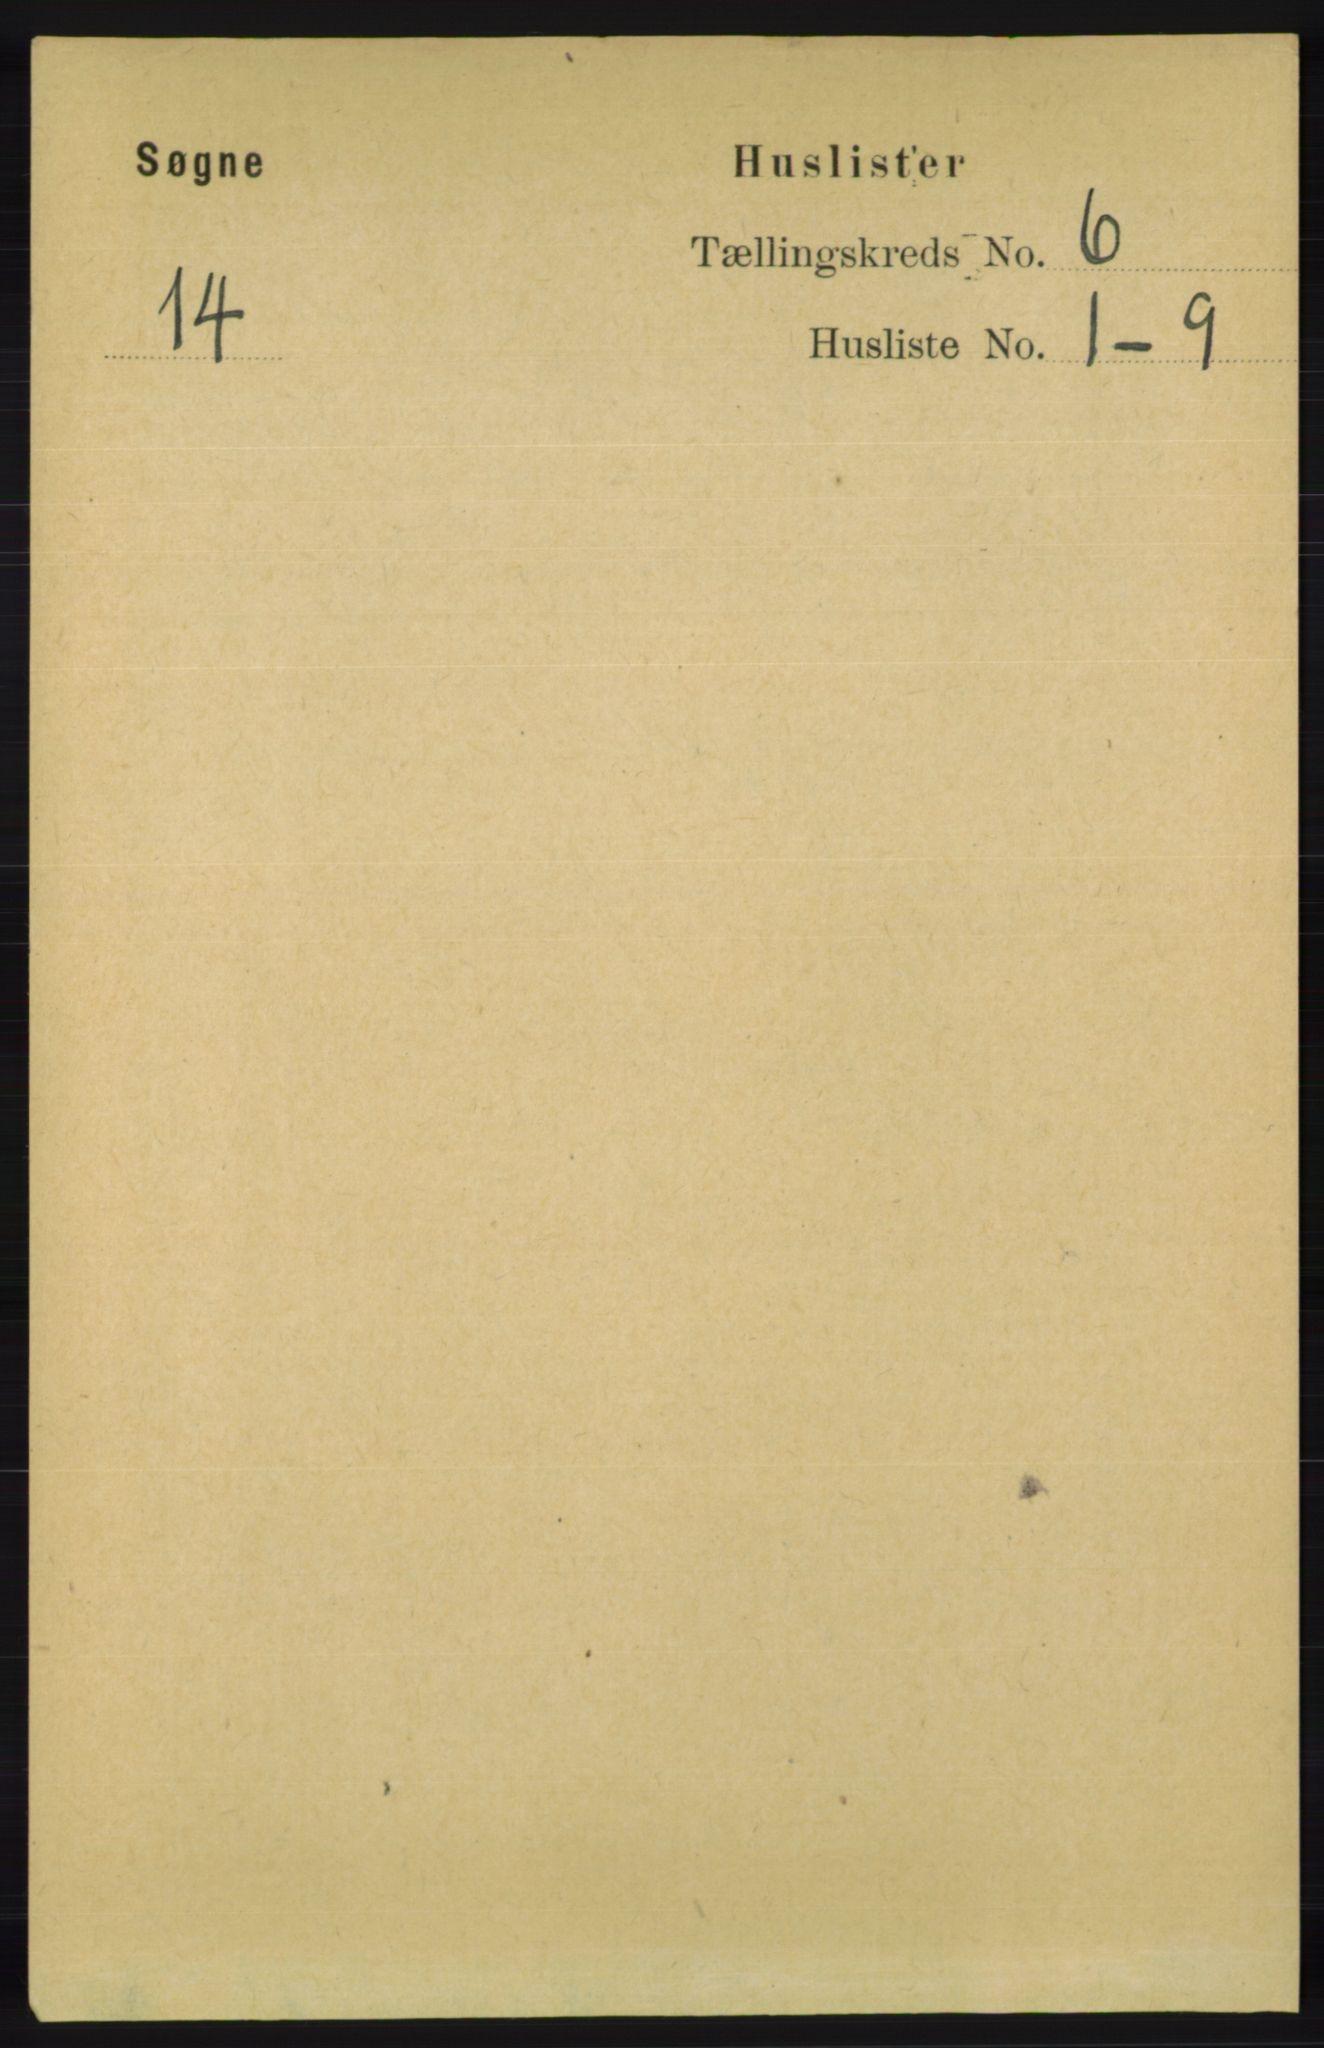 RA, Folketelling 1891 for 1018 Søgne herred, 1891, s. 1355